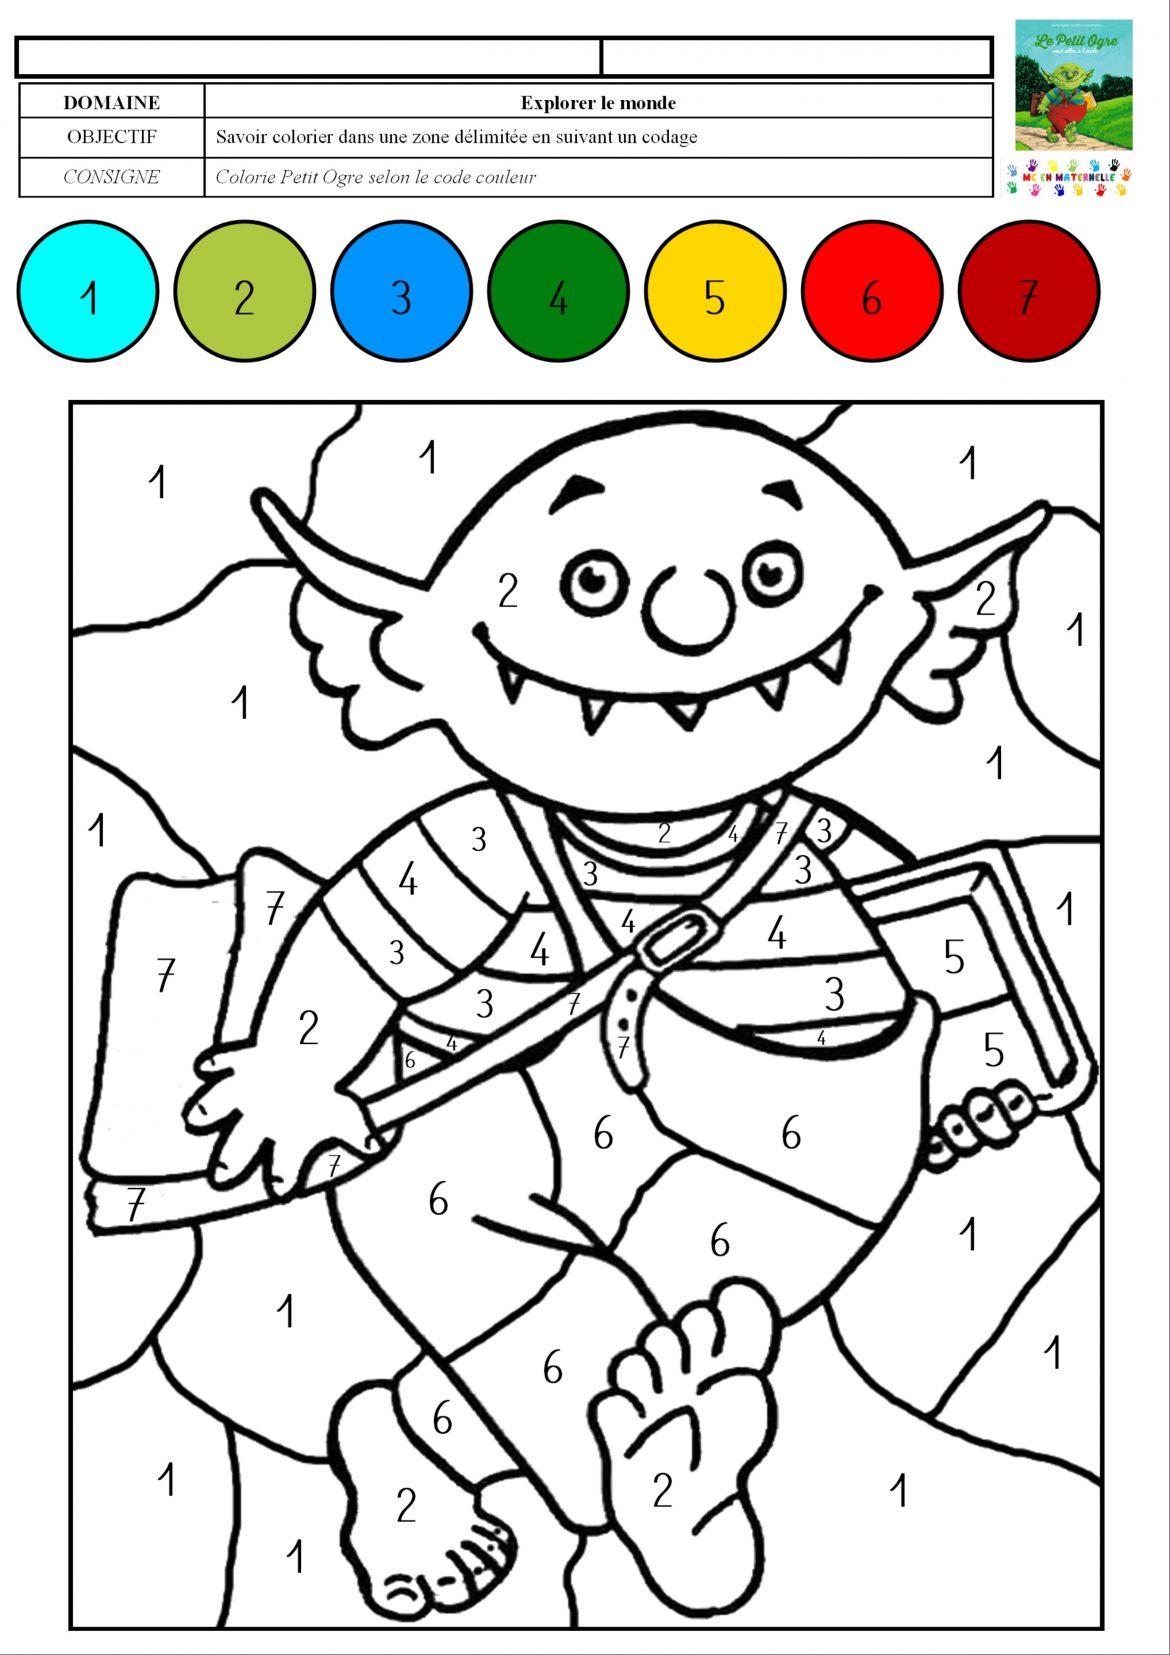 Coloriage magique mc en maternelle - Coloriage magique gs ...